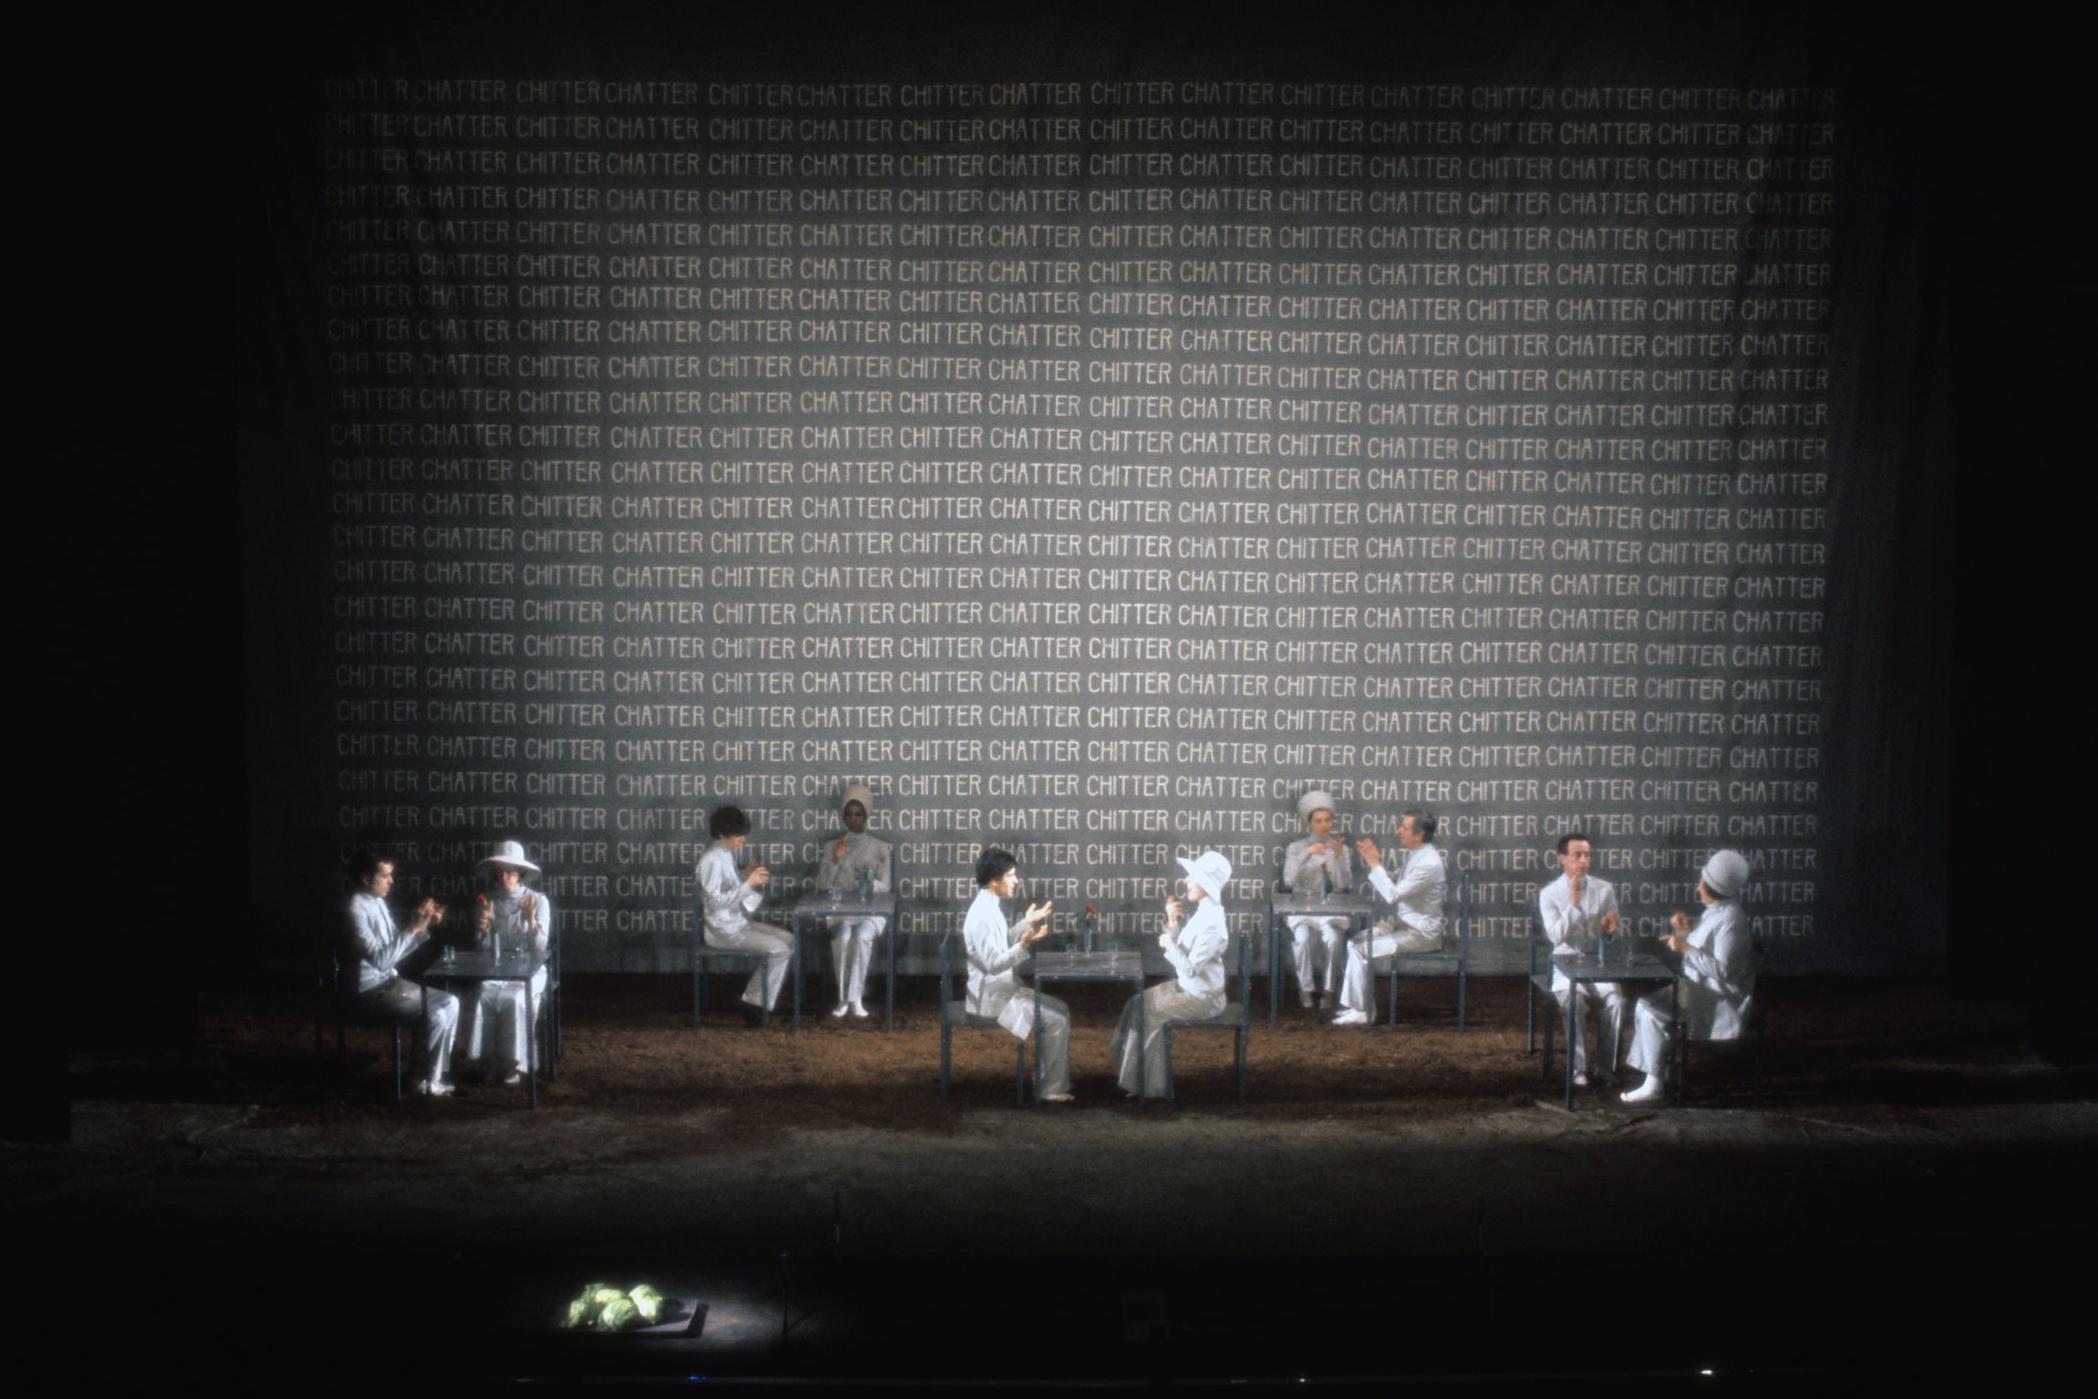 Act 3: Ensemble